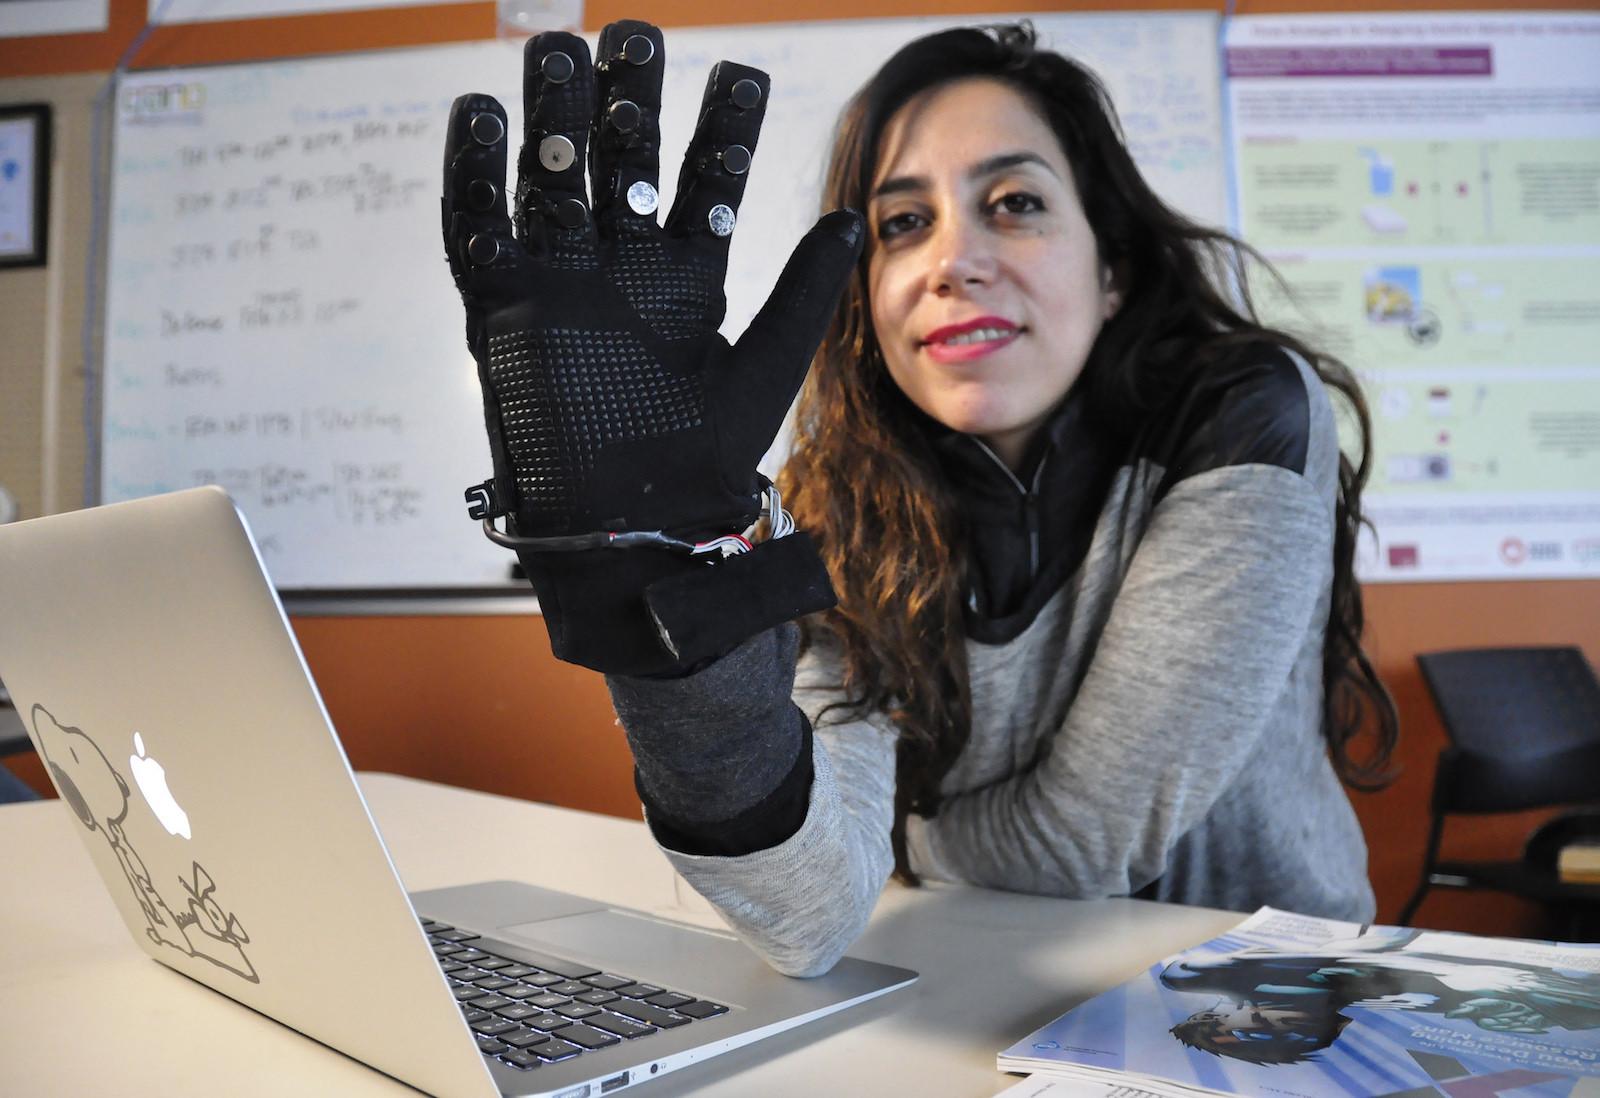 Der Flex-N-Feel-Handschuh ist mit Sensoren ausgestattet. Ob sie tatsächlich den Partner näher bringen?